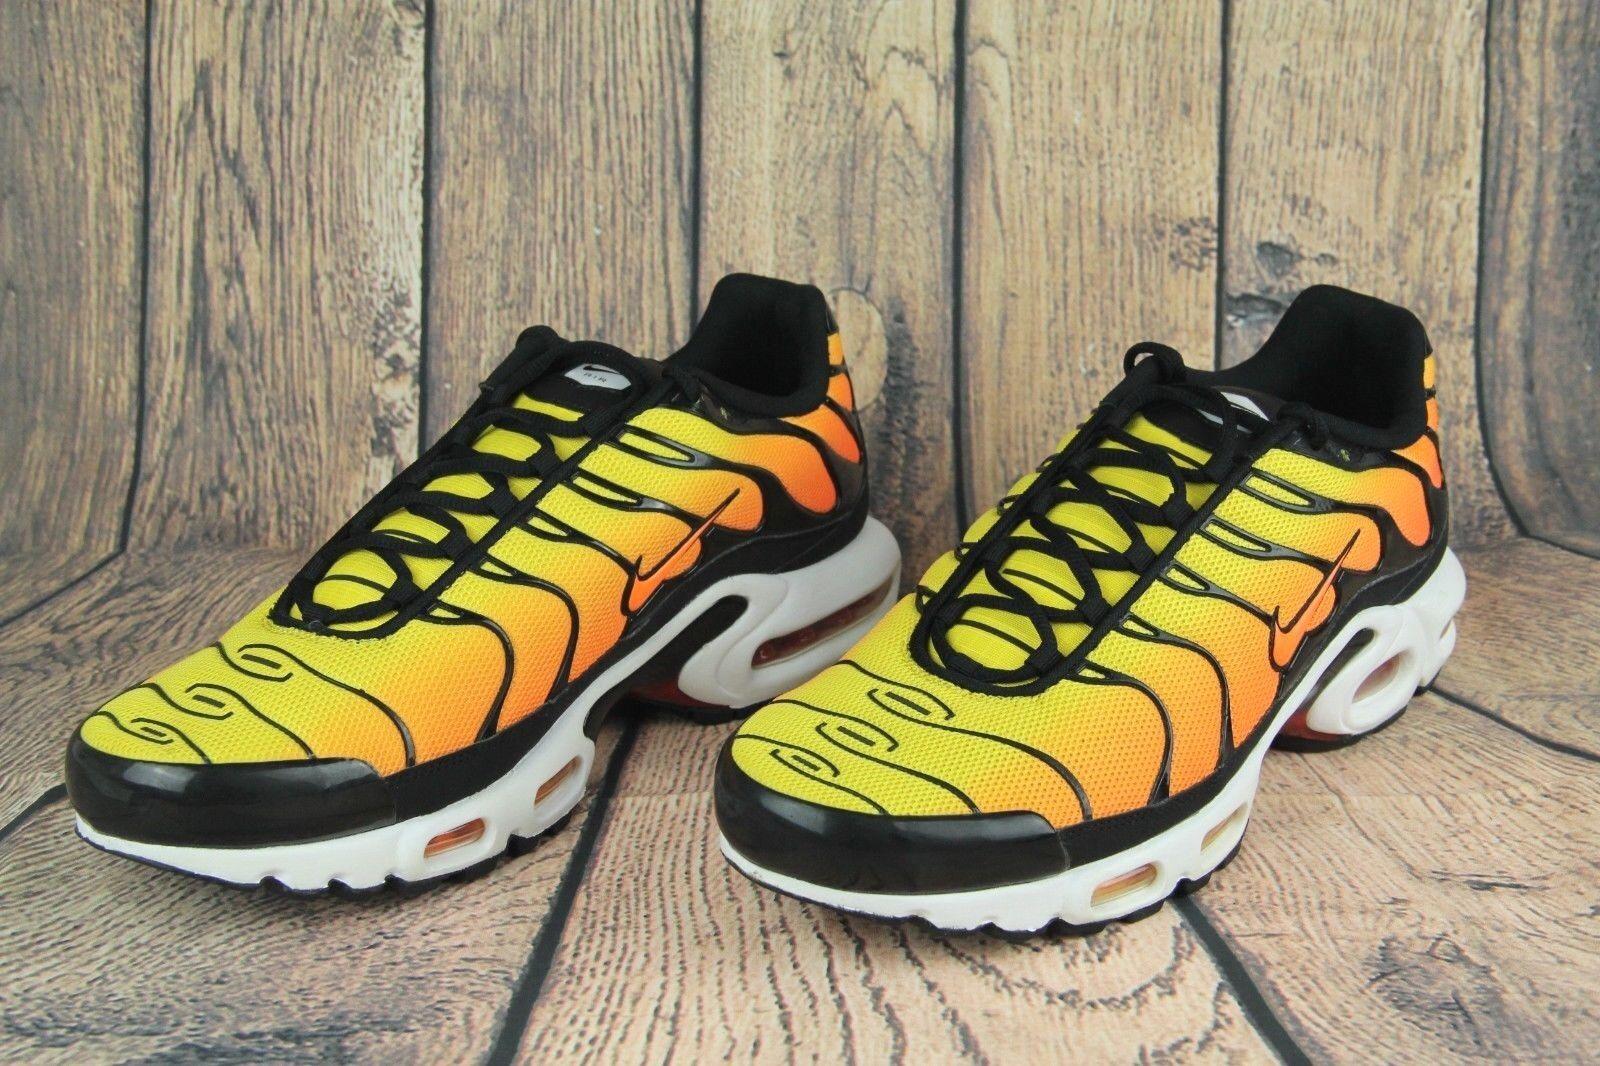 RARE Nike Air Max Plus TXT TN Sunset Retro Tour Yellow Orange 647315-700 SZ 12